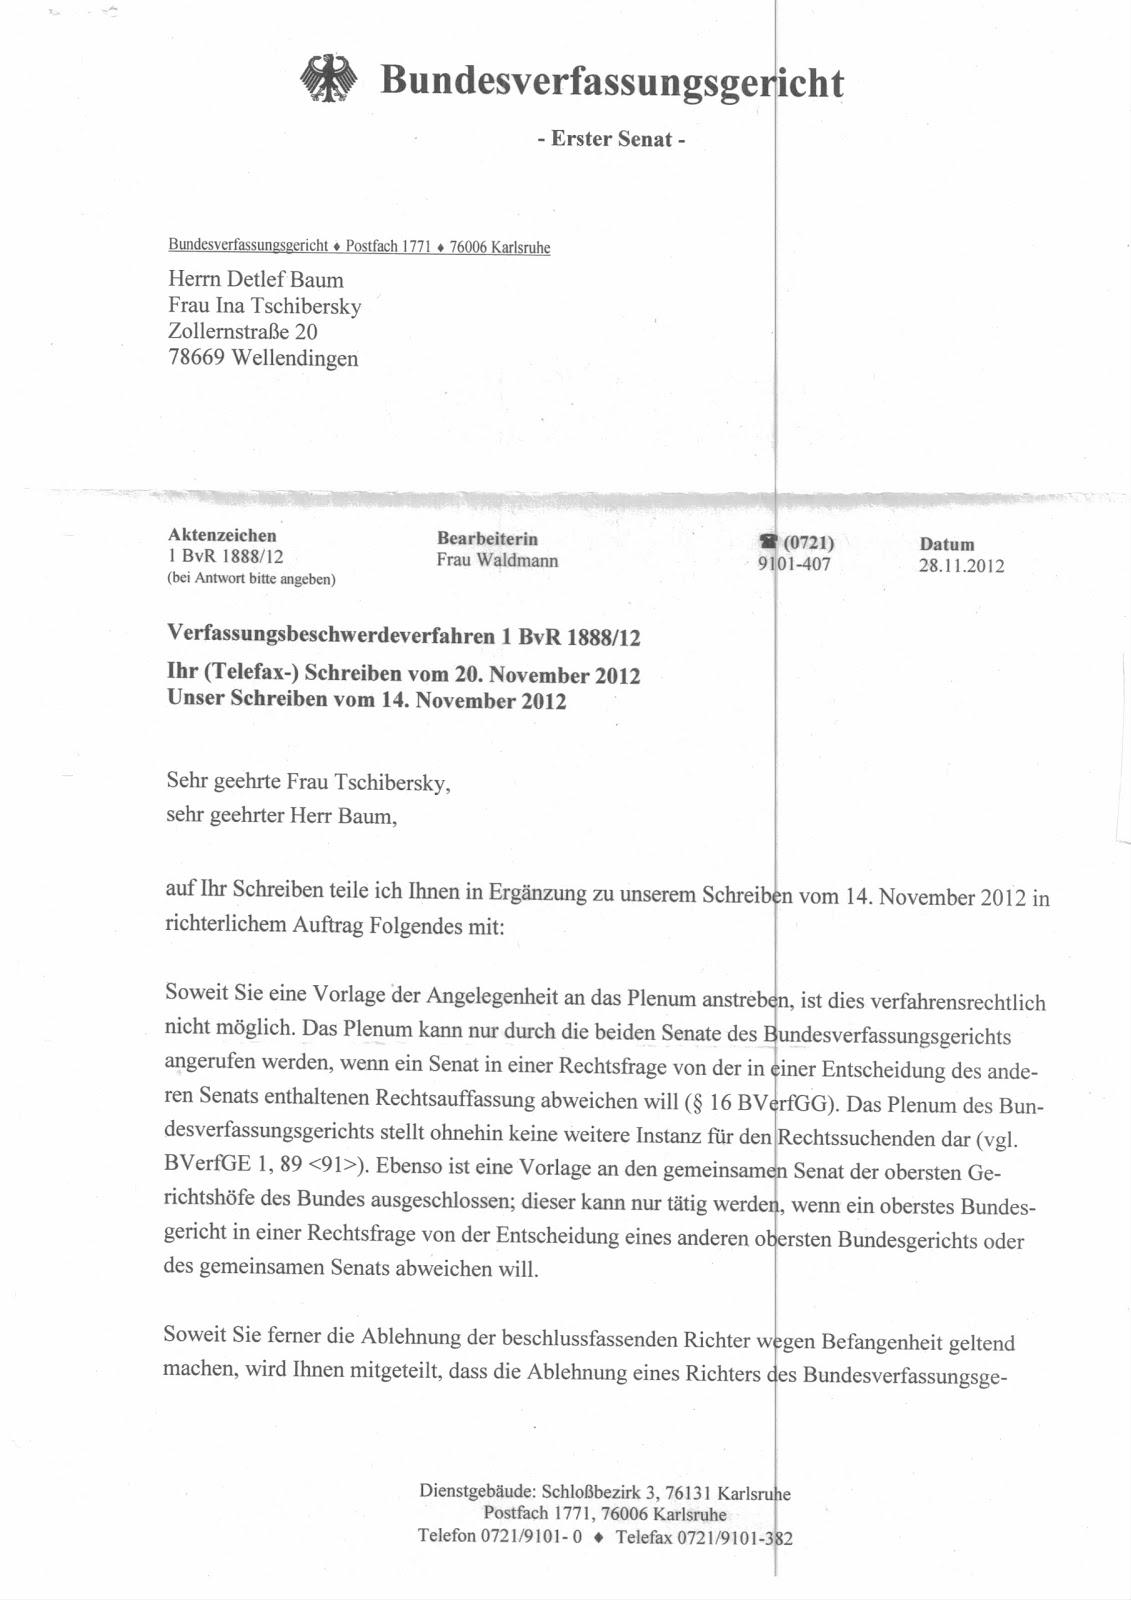 Bundesverfassungsgericht Macht Wegen Hering Wieder Blah Blah